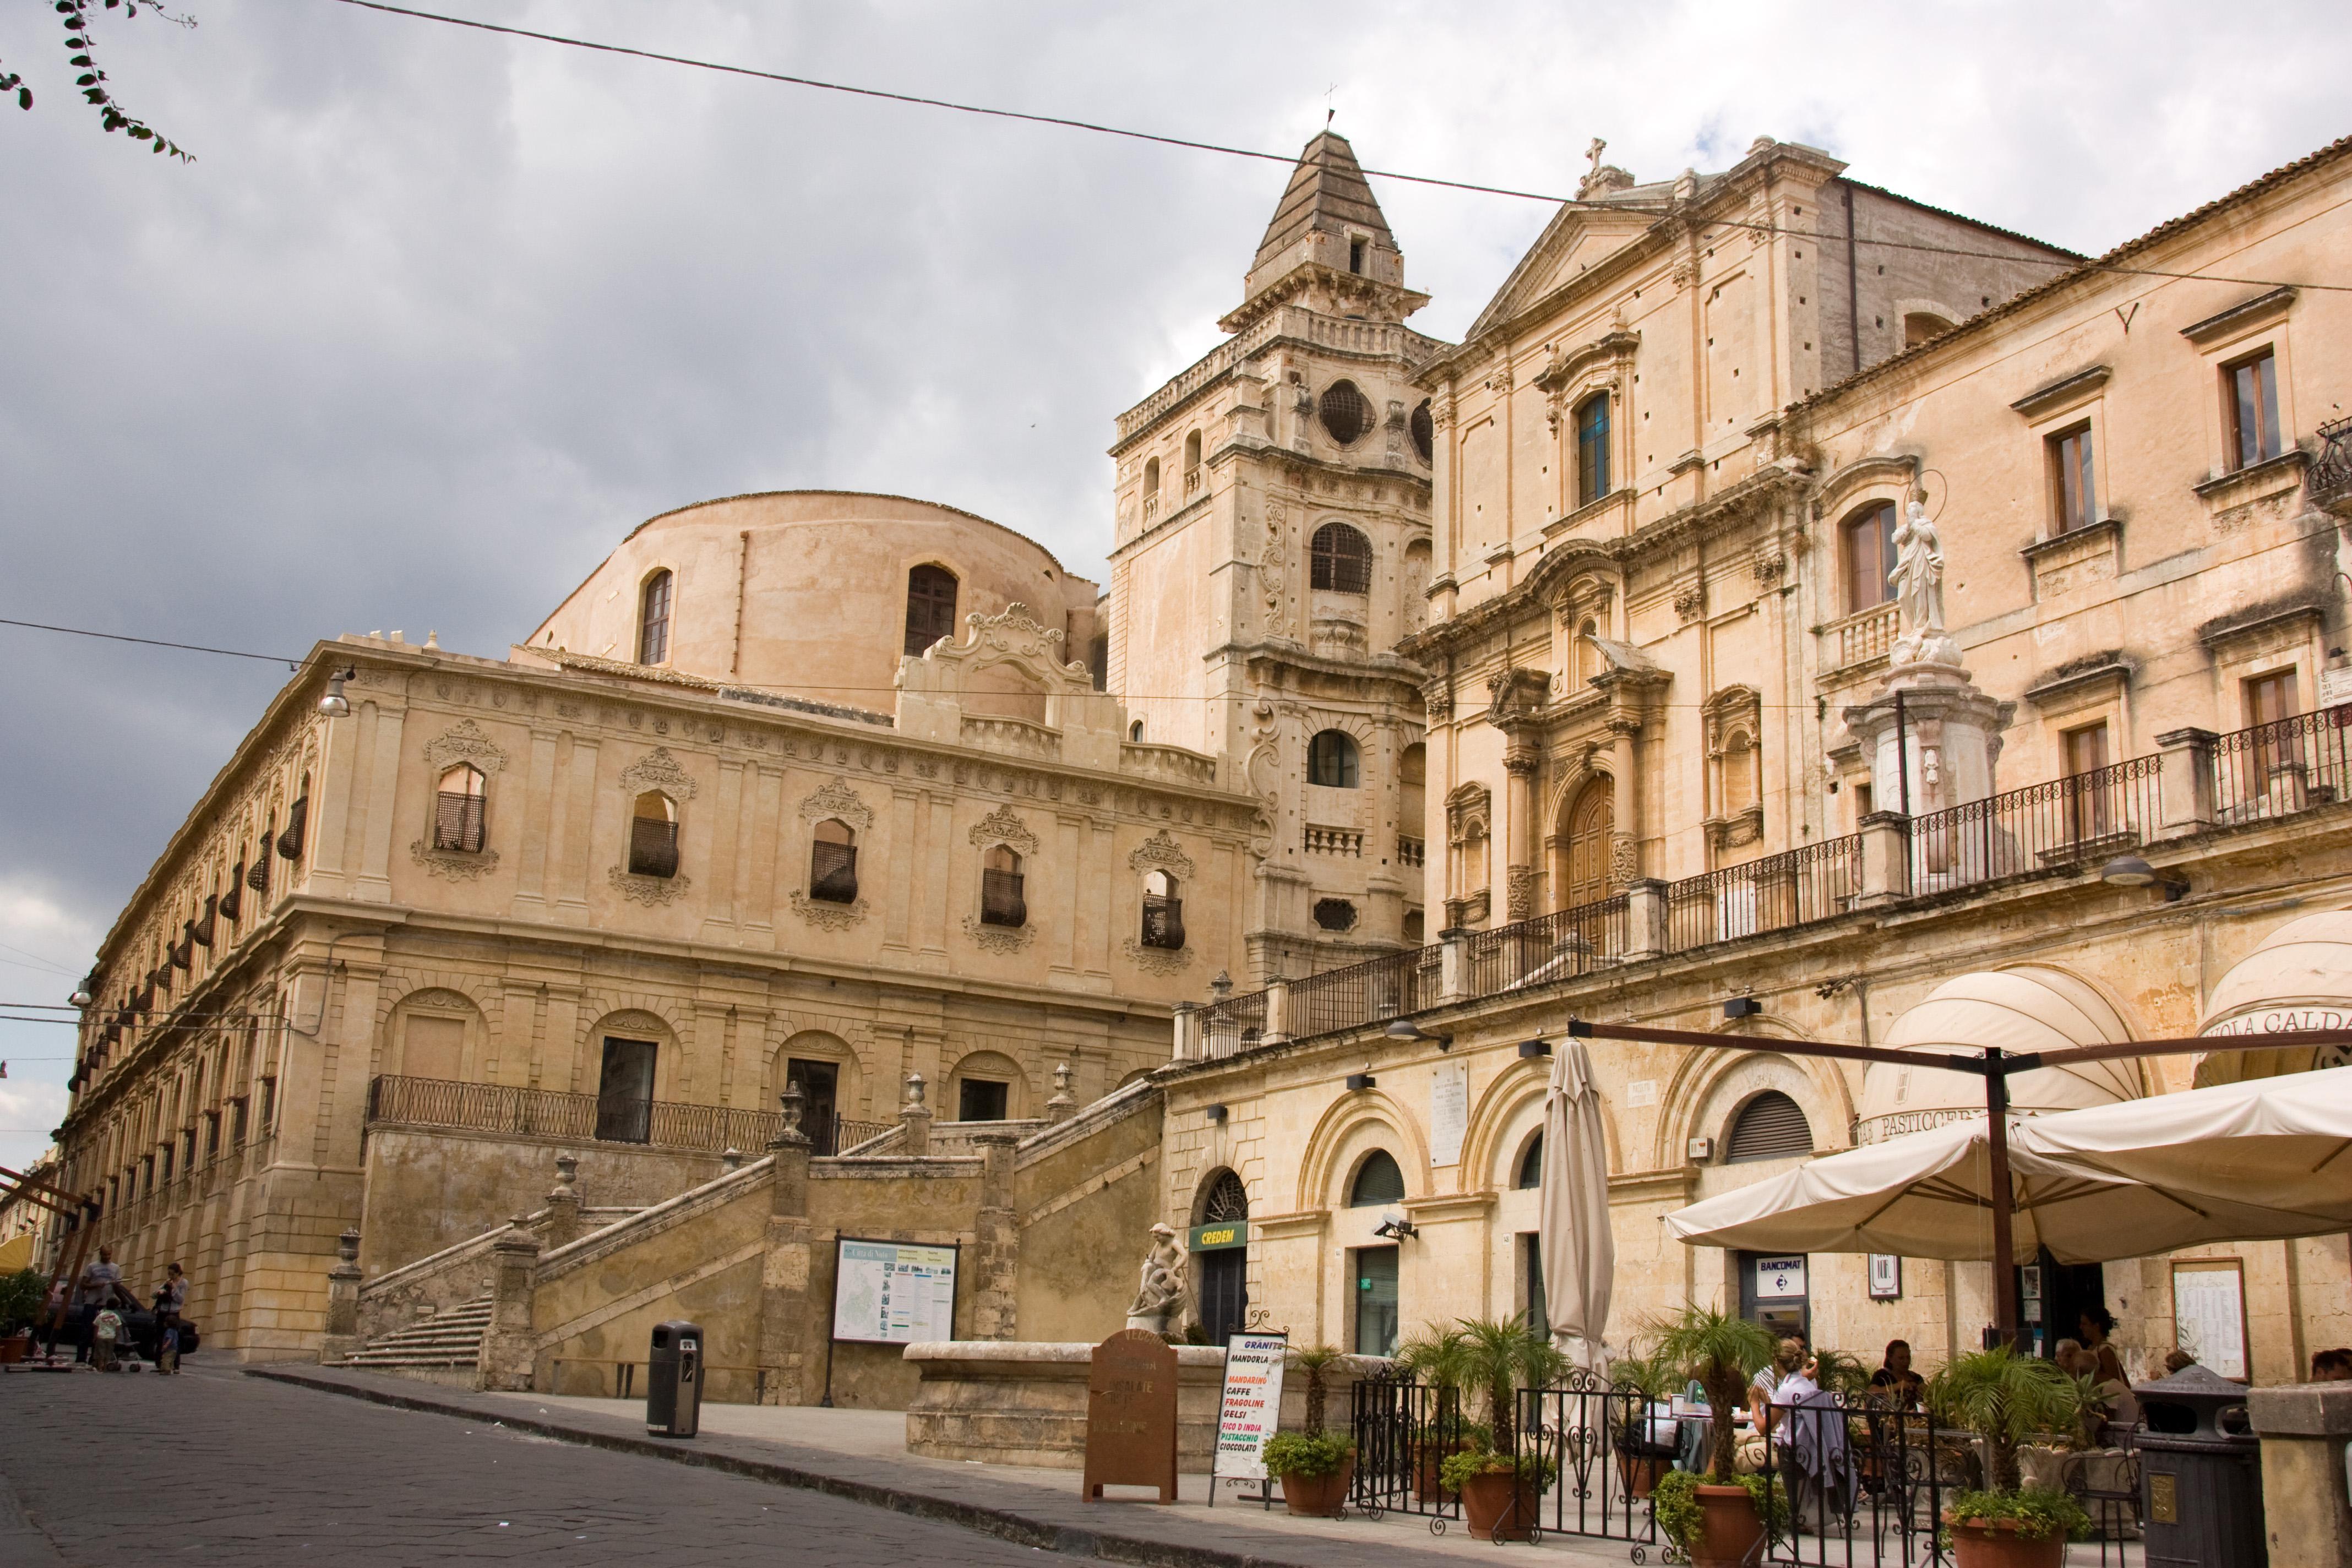 Barocco in sicilia noto for Noto architetto torinese